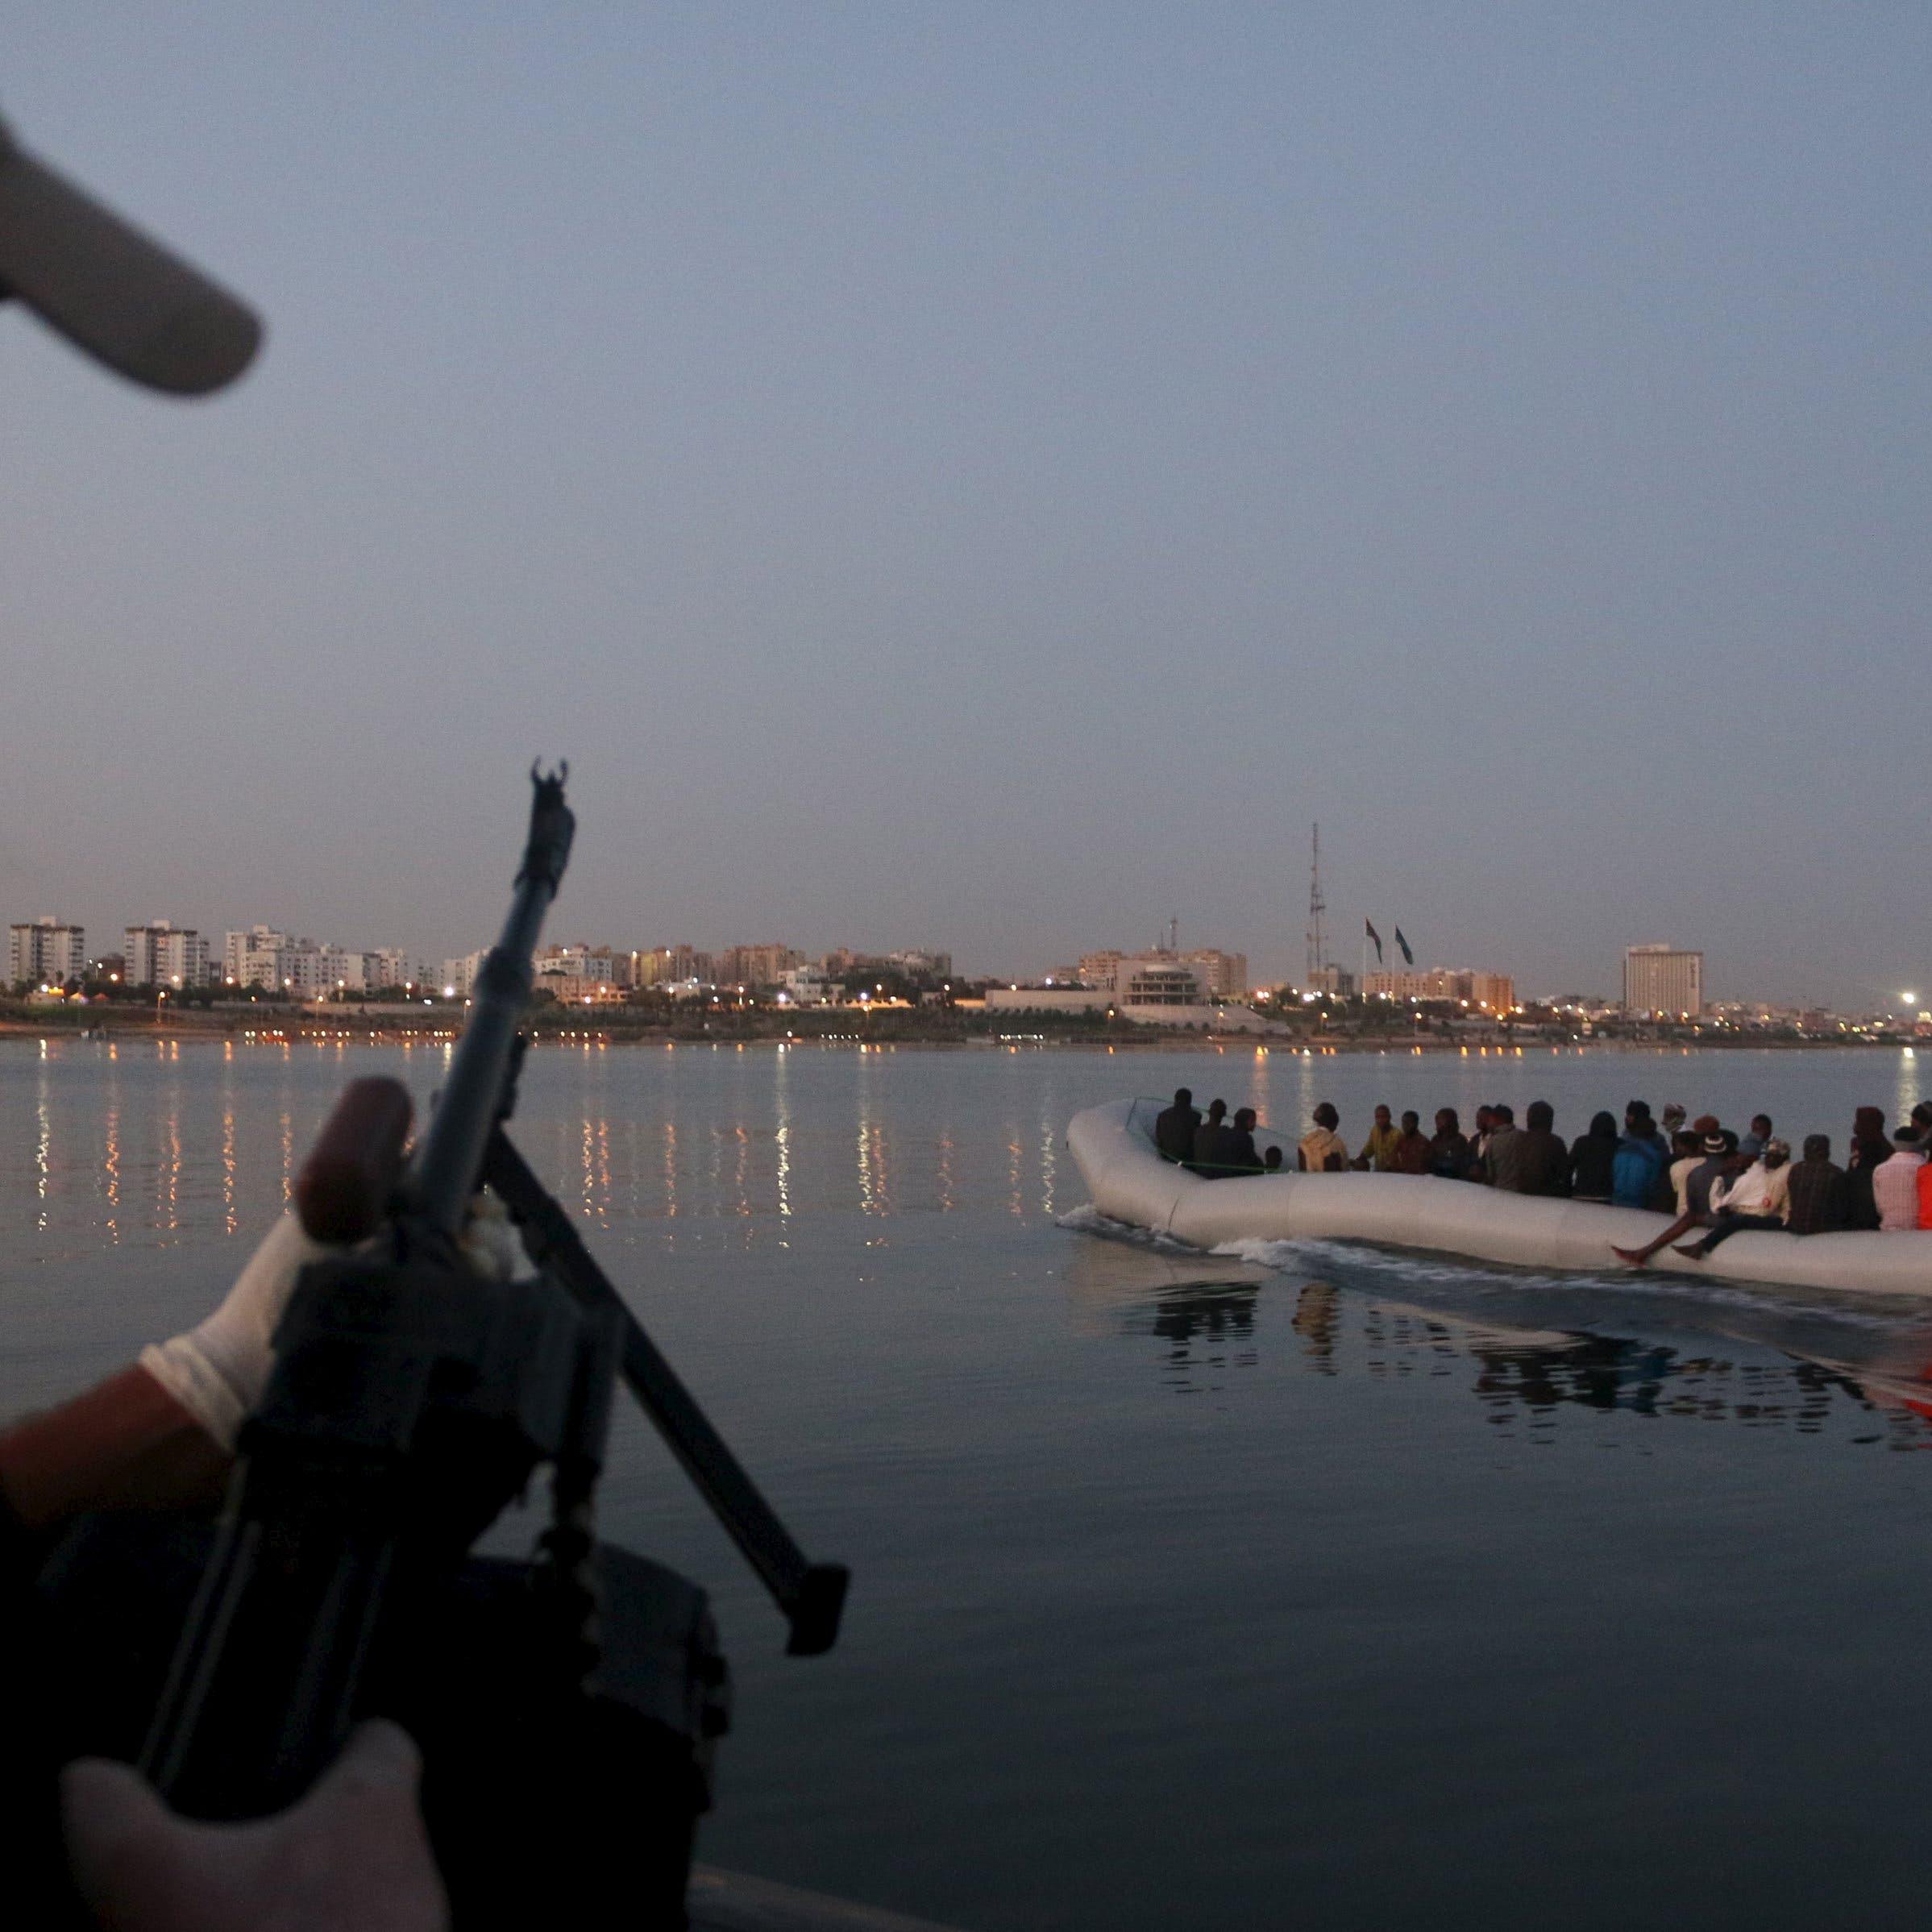 مجلس أوروبا يدعو إيطاليا لوقف التعاون مع خفر سواحل ليبيا